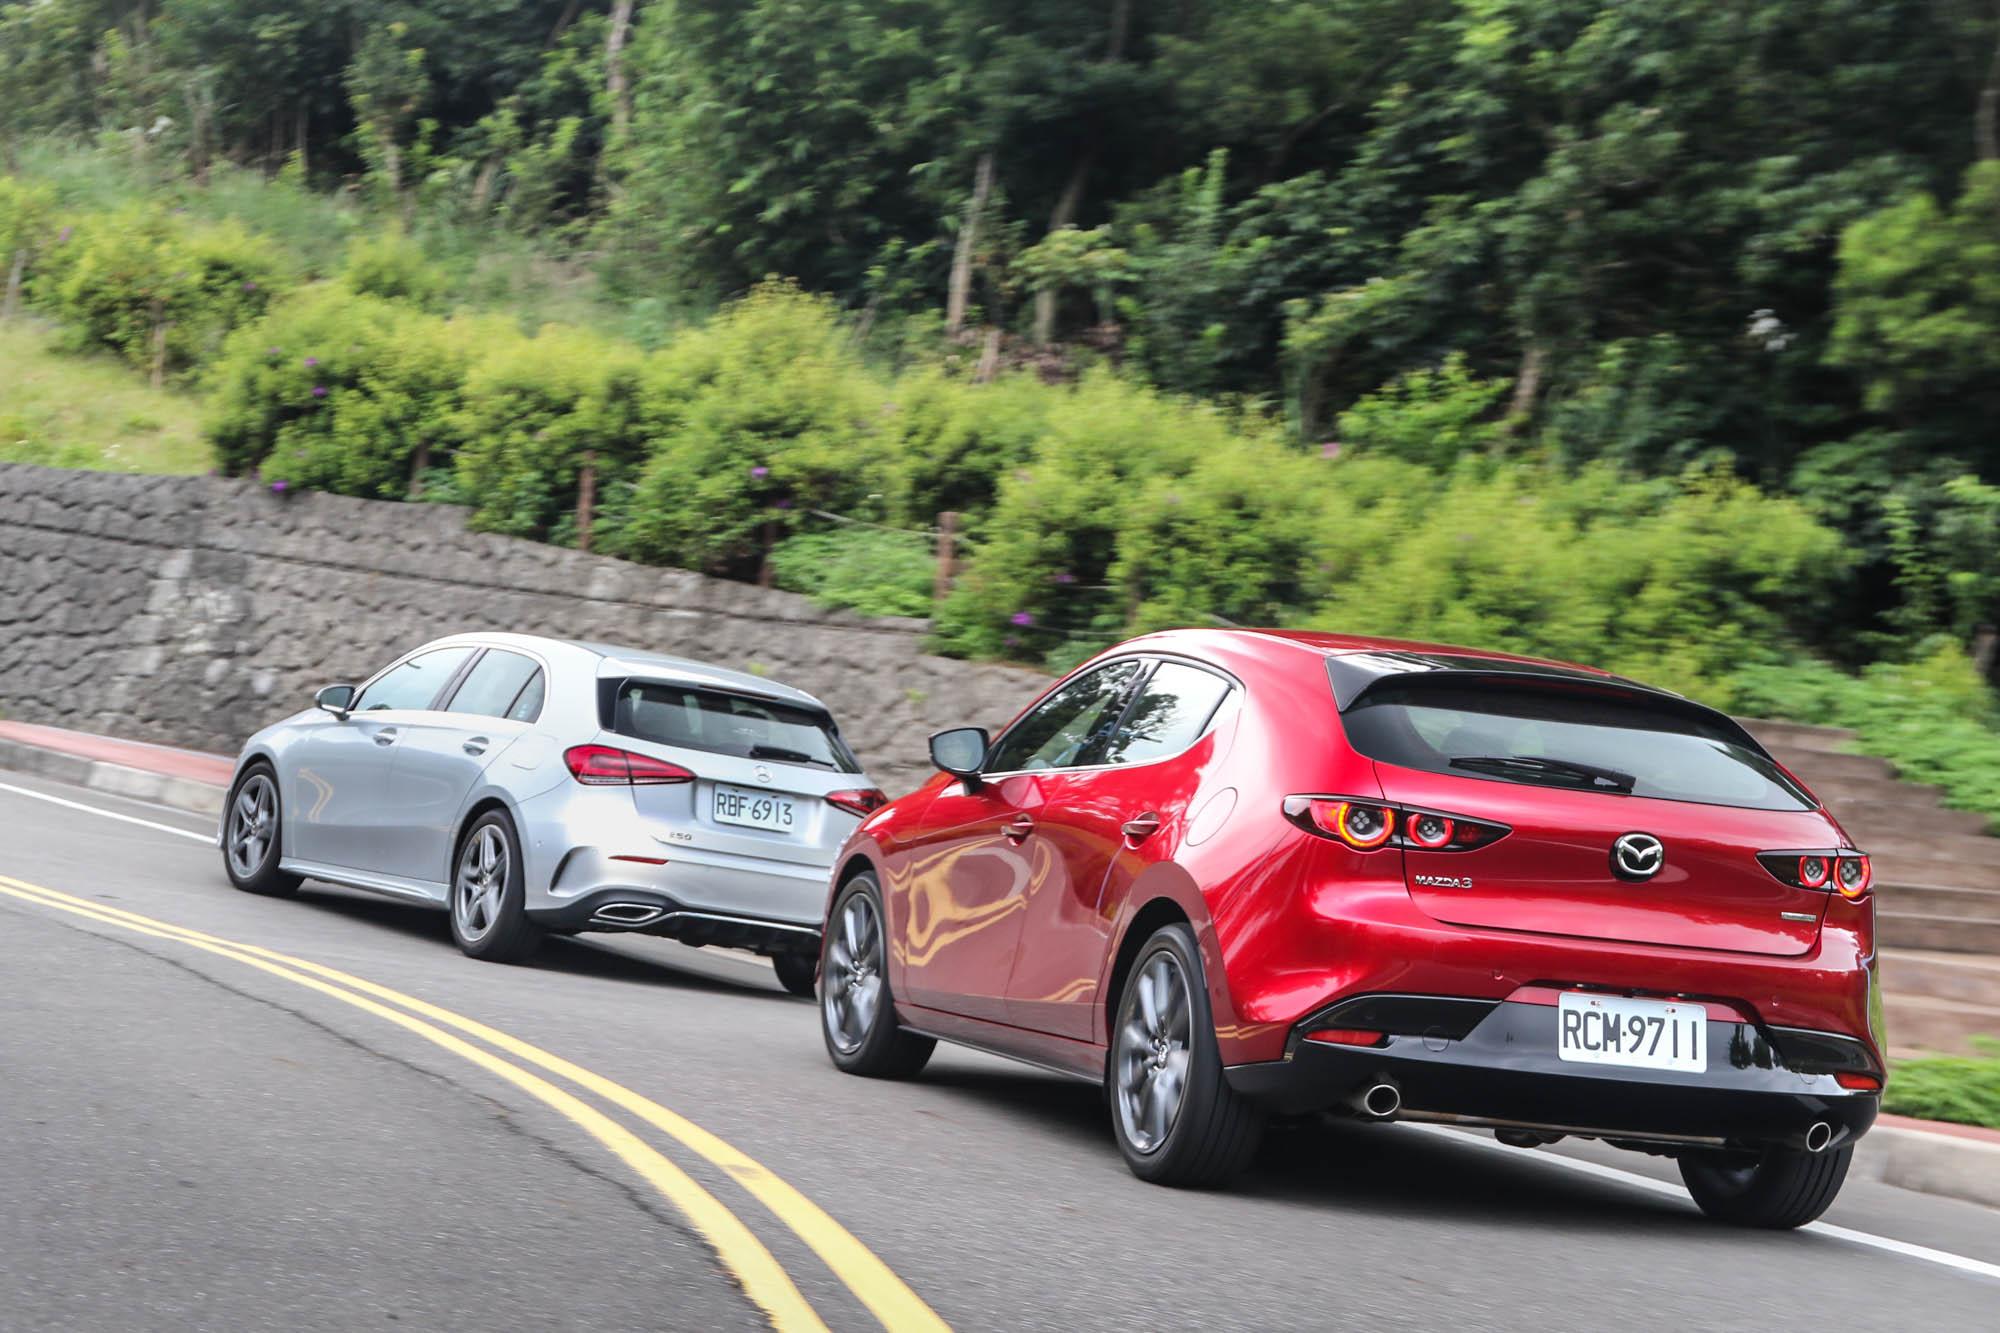 因為先天動力格局與輸出表現的差異,在加速表現上,五門 Mazda3 BOSE® 旗艦型確實略遜 A 250 運動版一籌。